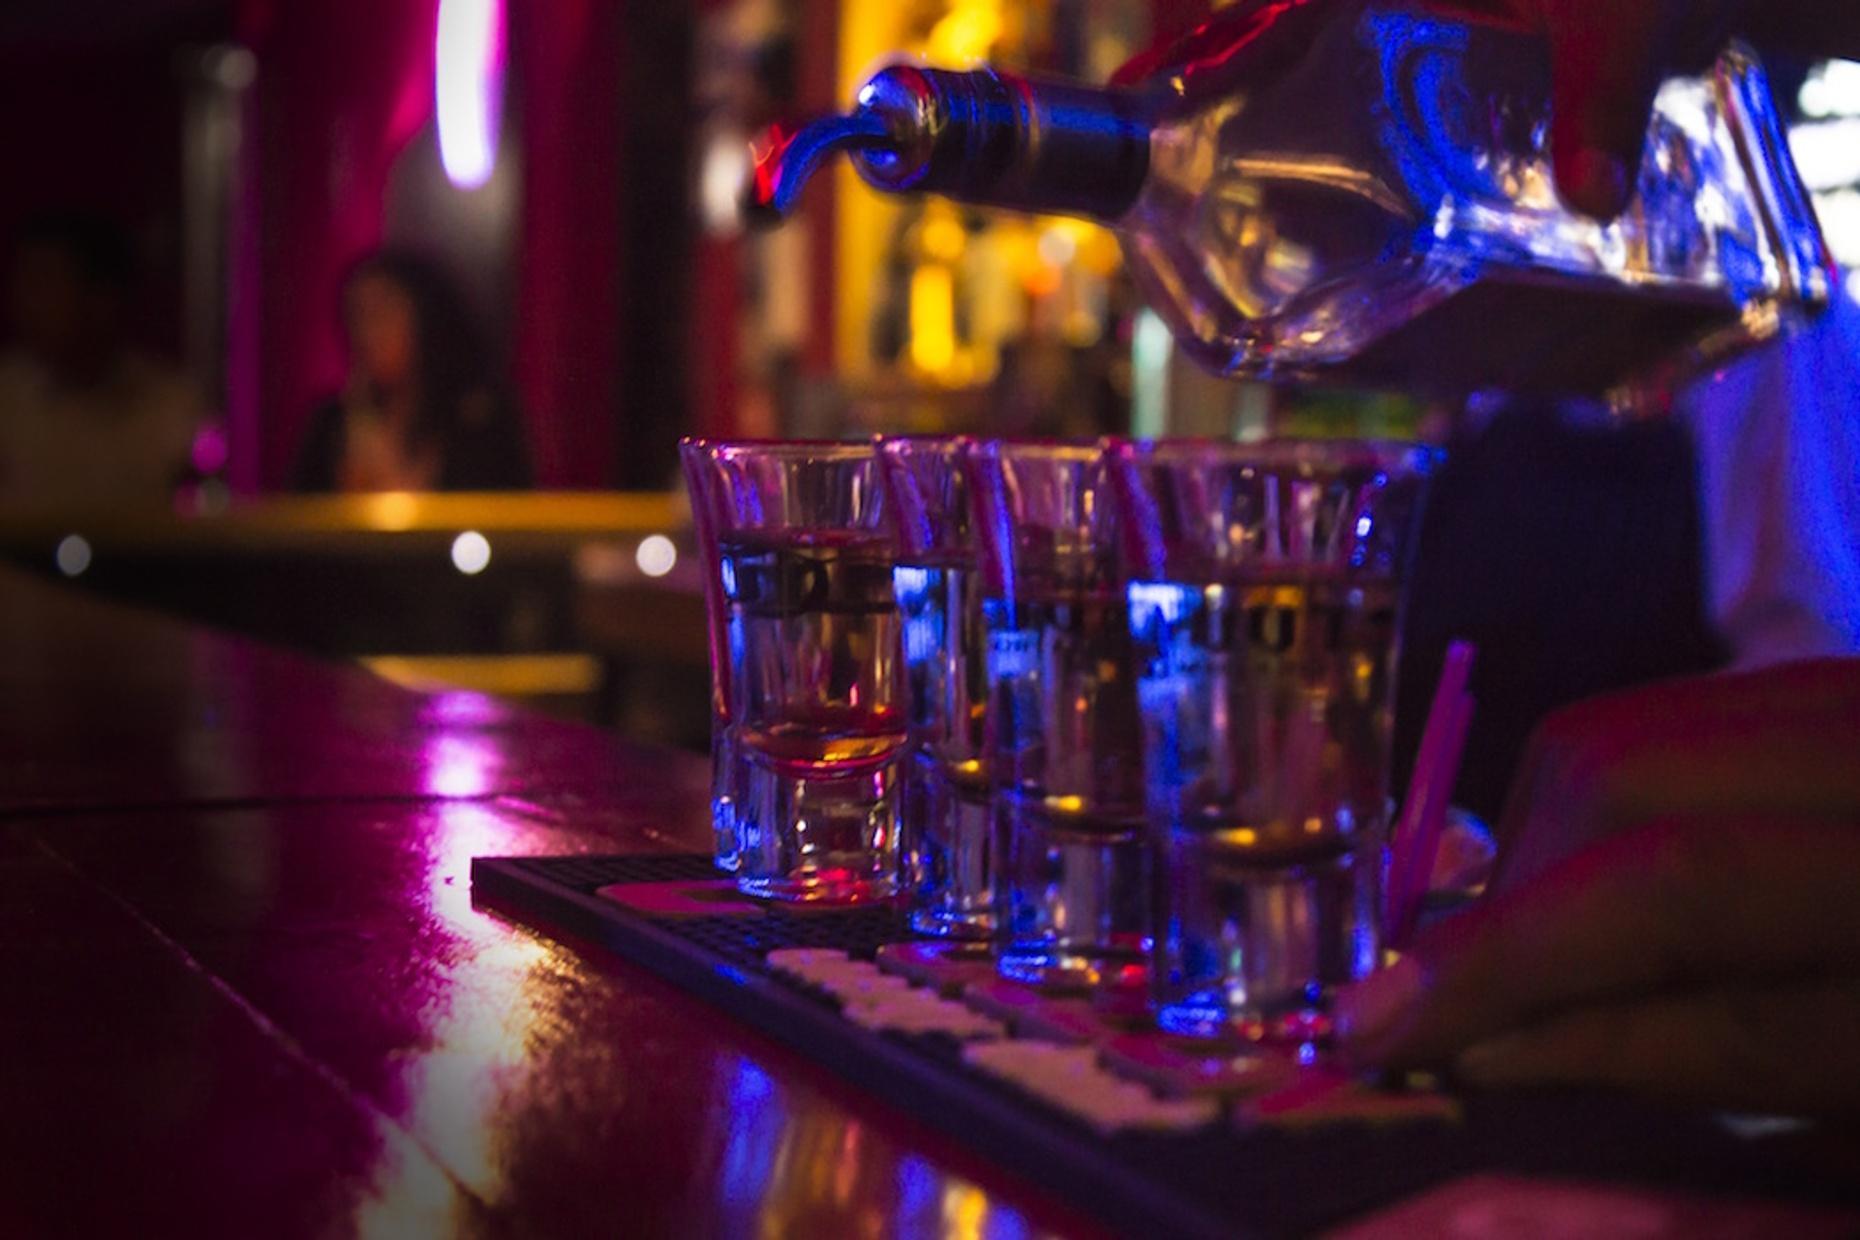 Sunrise Premium Tequila Experience in Guadalajara